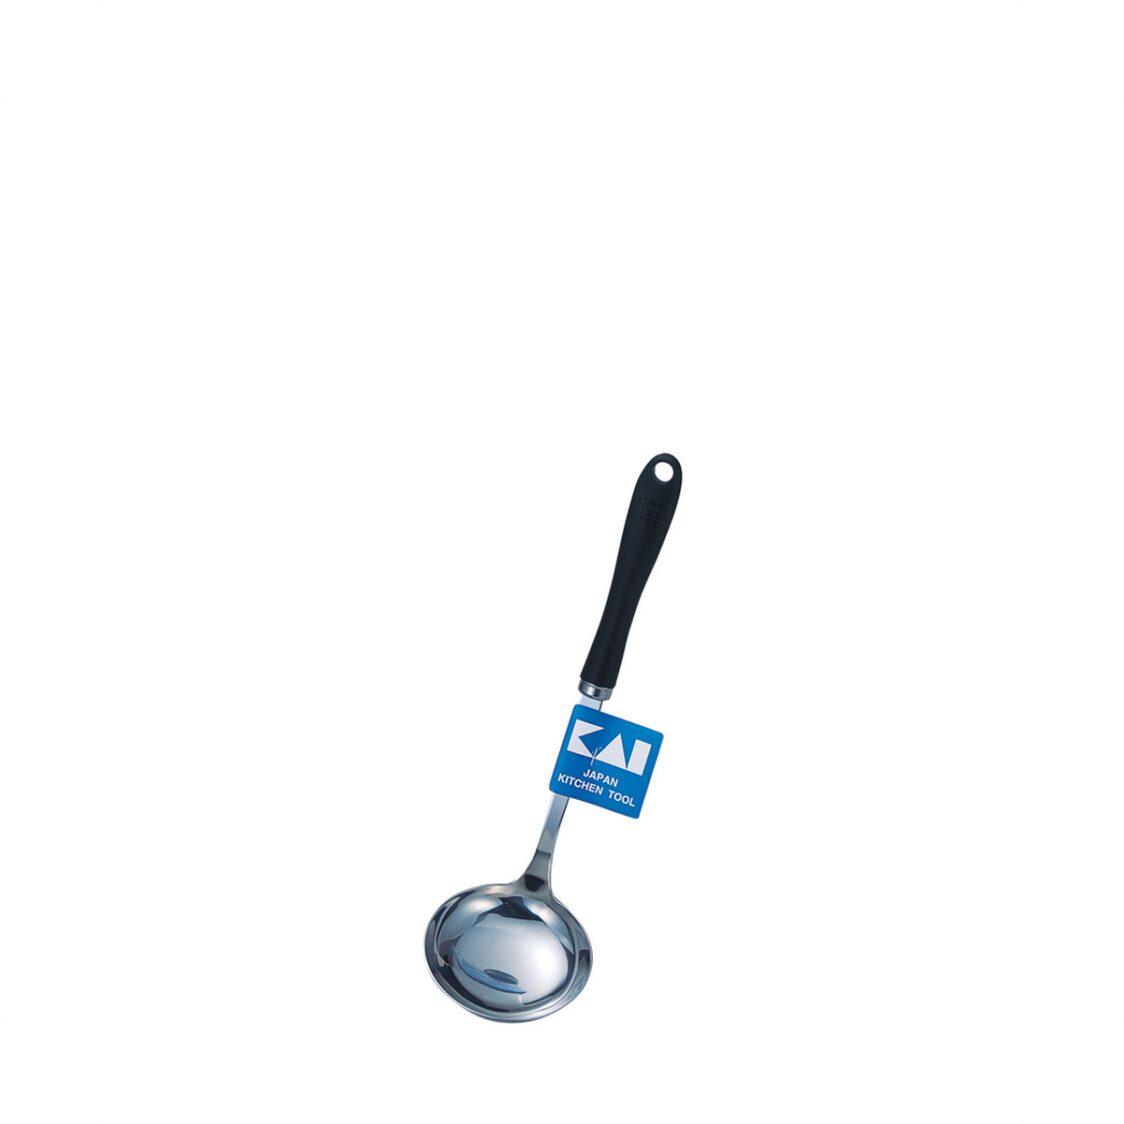 Kai Stainless Steel Soup Ladle L Size DE-940